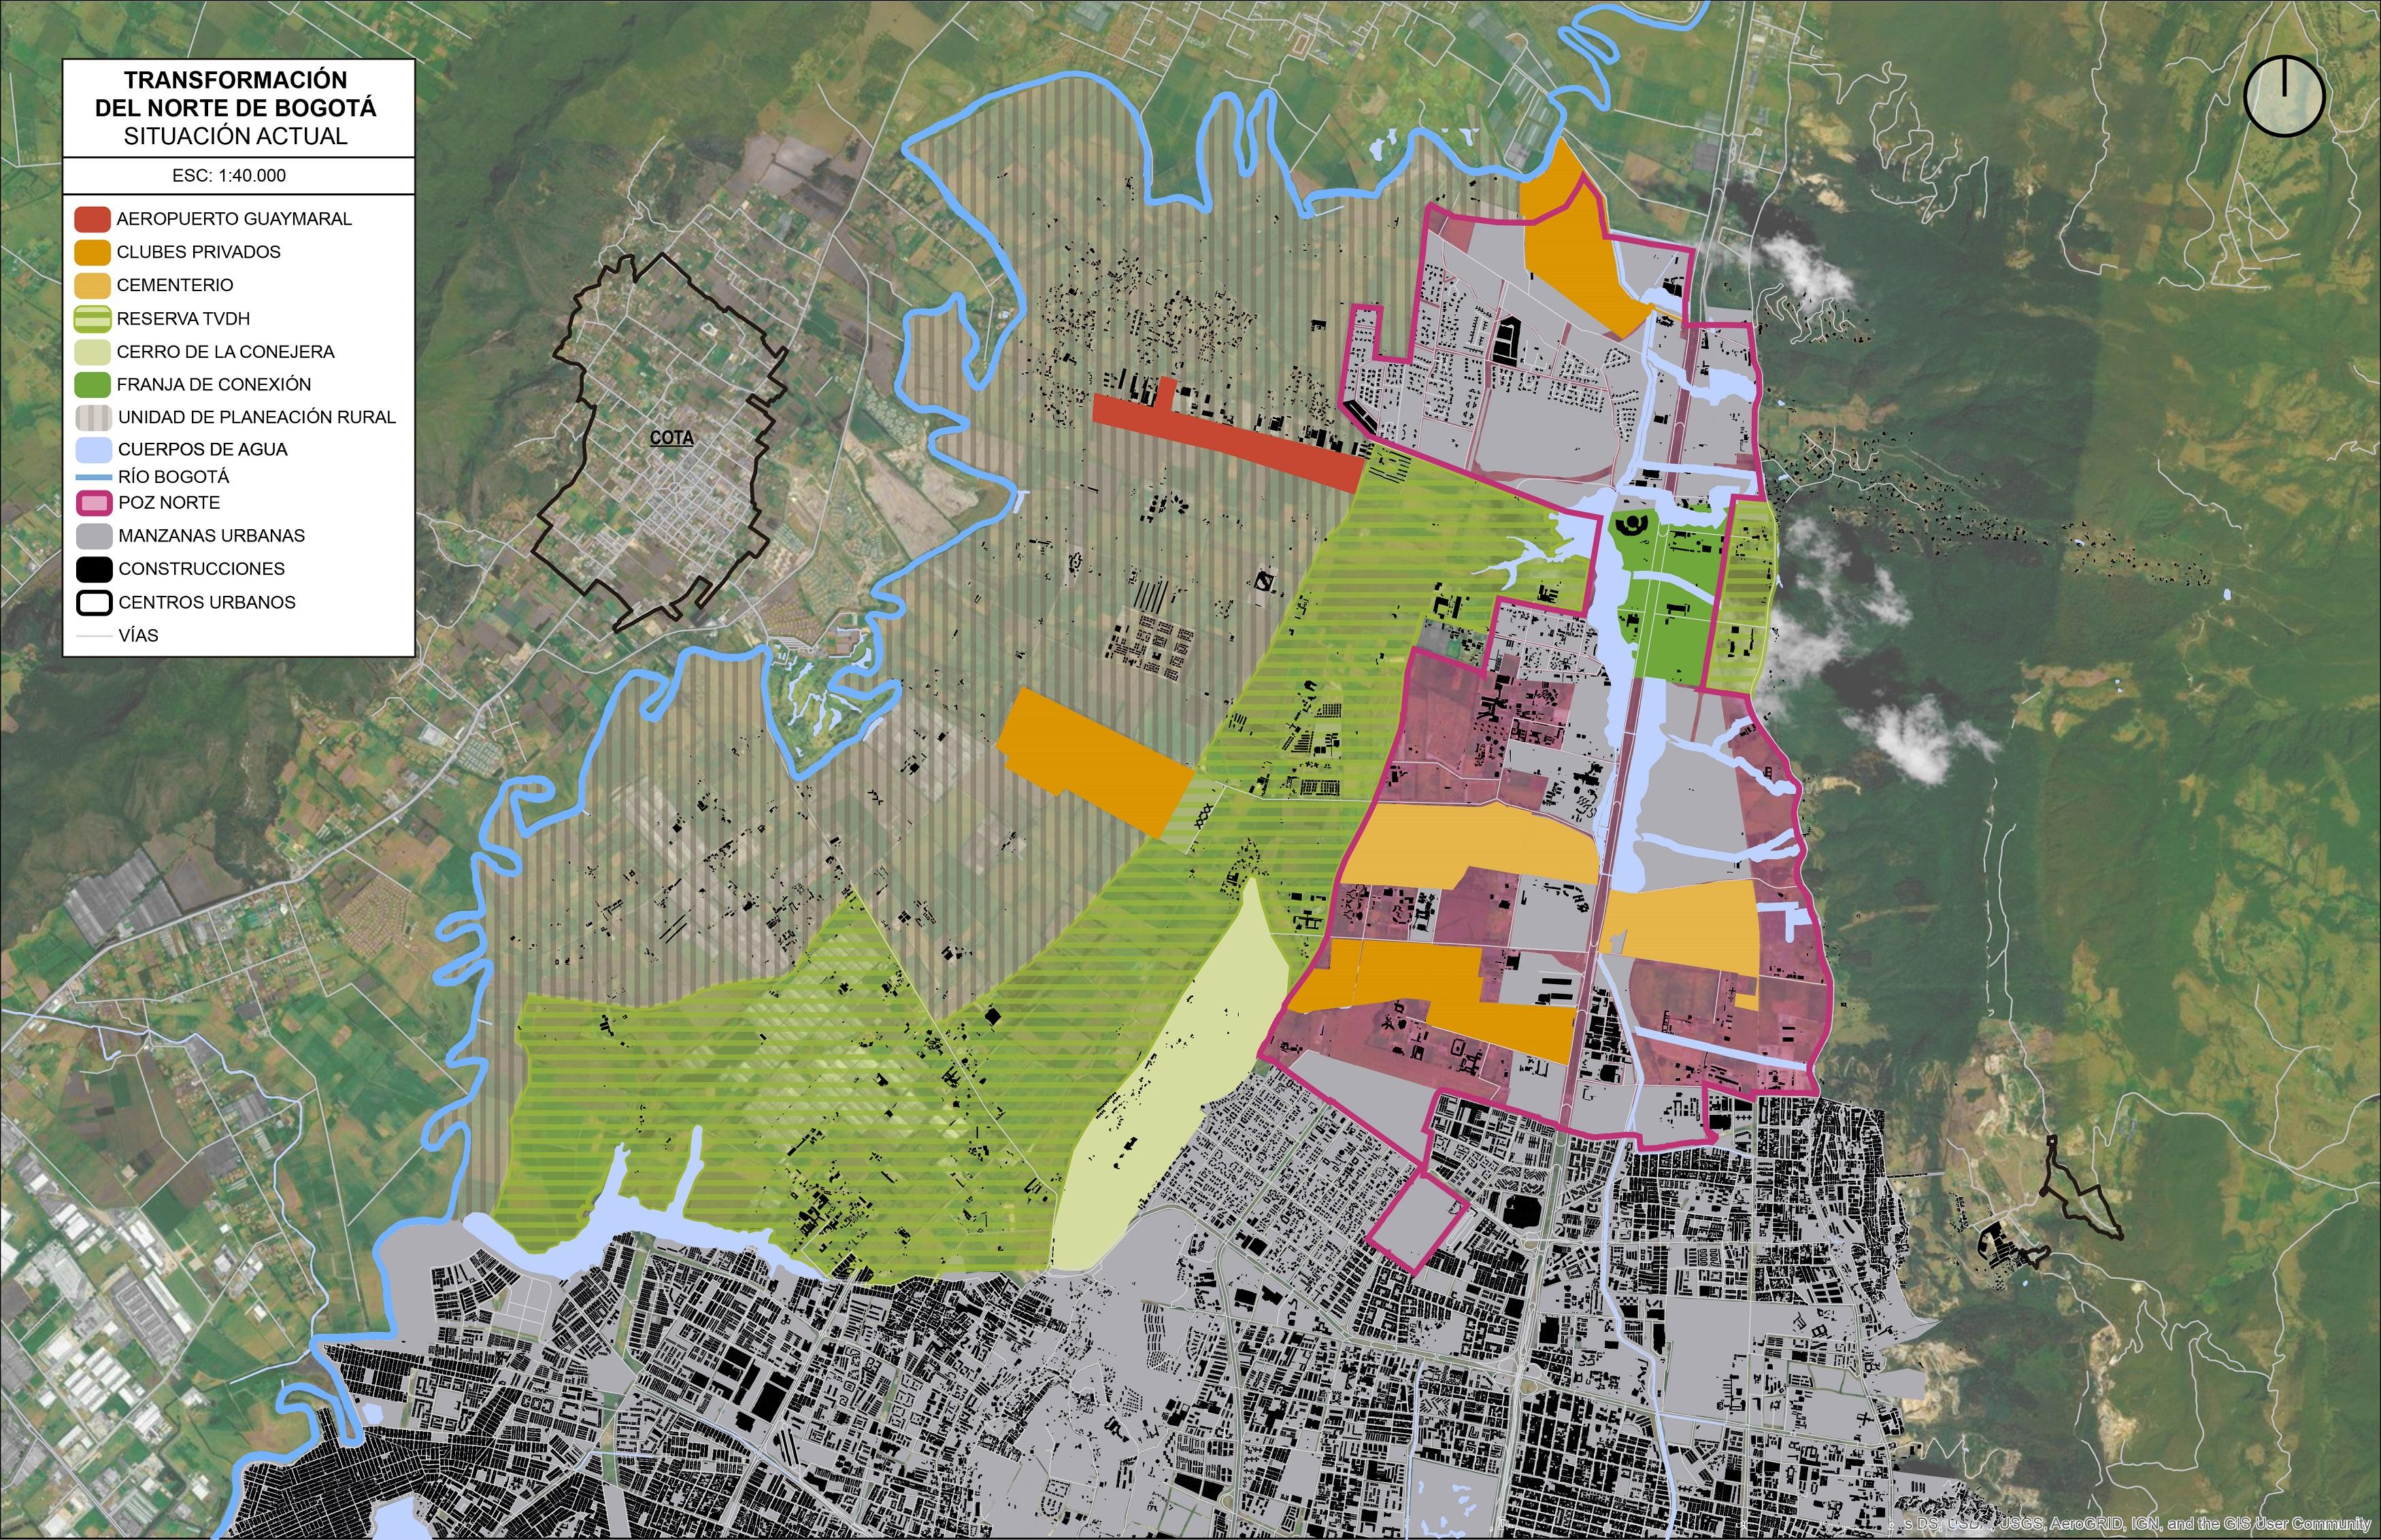 Situación actual del norte de Bogotá con la reserva Thomas Van der Hammen. Imagen: Bogotá Lógica.